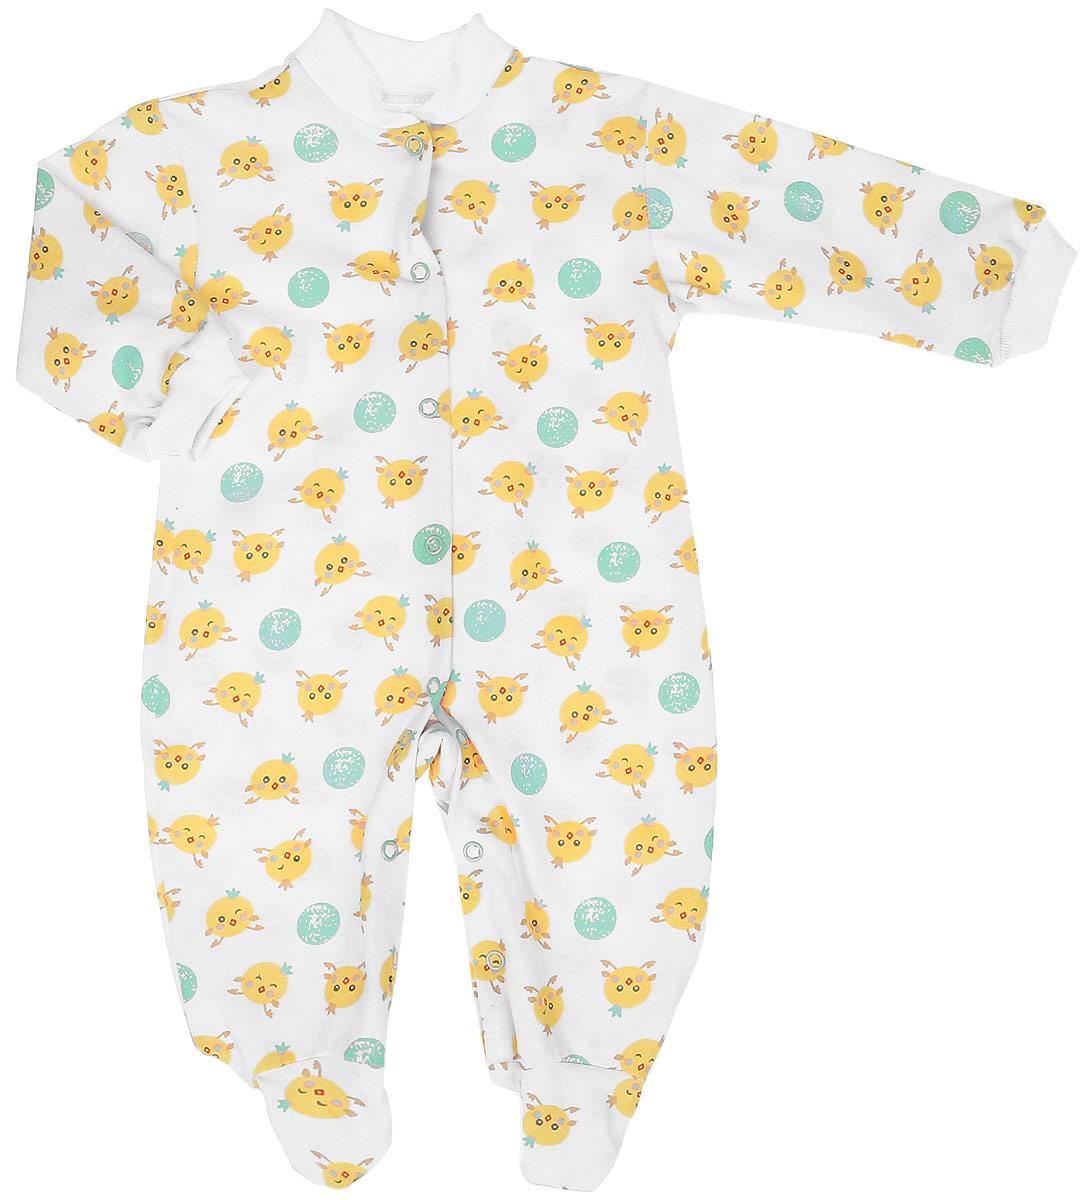 Комбинезон детский Чудесные одежки, цвет: белый, салатовый. 5801. Размер 985801Удобный детский комбинезон Чудесные одежки выполнен из натурального хлопка.Комбинезон с небольшим воротником-стойкой, длинными рукавами и закрытыми ножками имеет застежки-кнопки спереди и на ластовице, которые помогают легко переодеть младенца или сменить подгузник. Воротничок и манжеты на рукавах выполнены из трикотажной эластичной резинки. Изделие оформлено принтом с изображением цыплят.